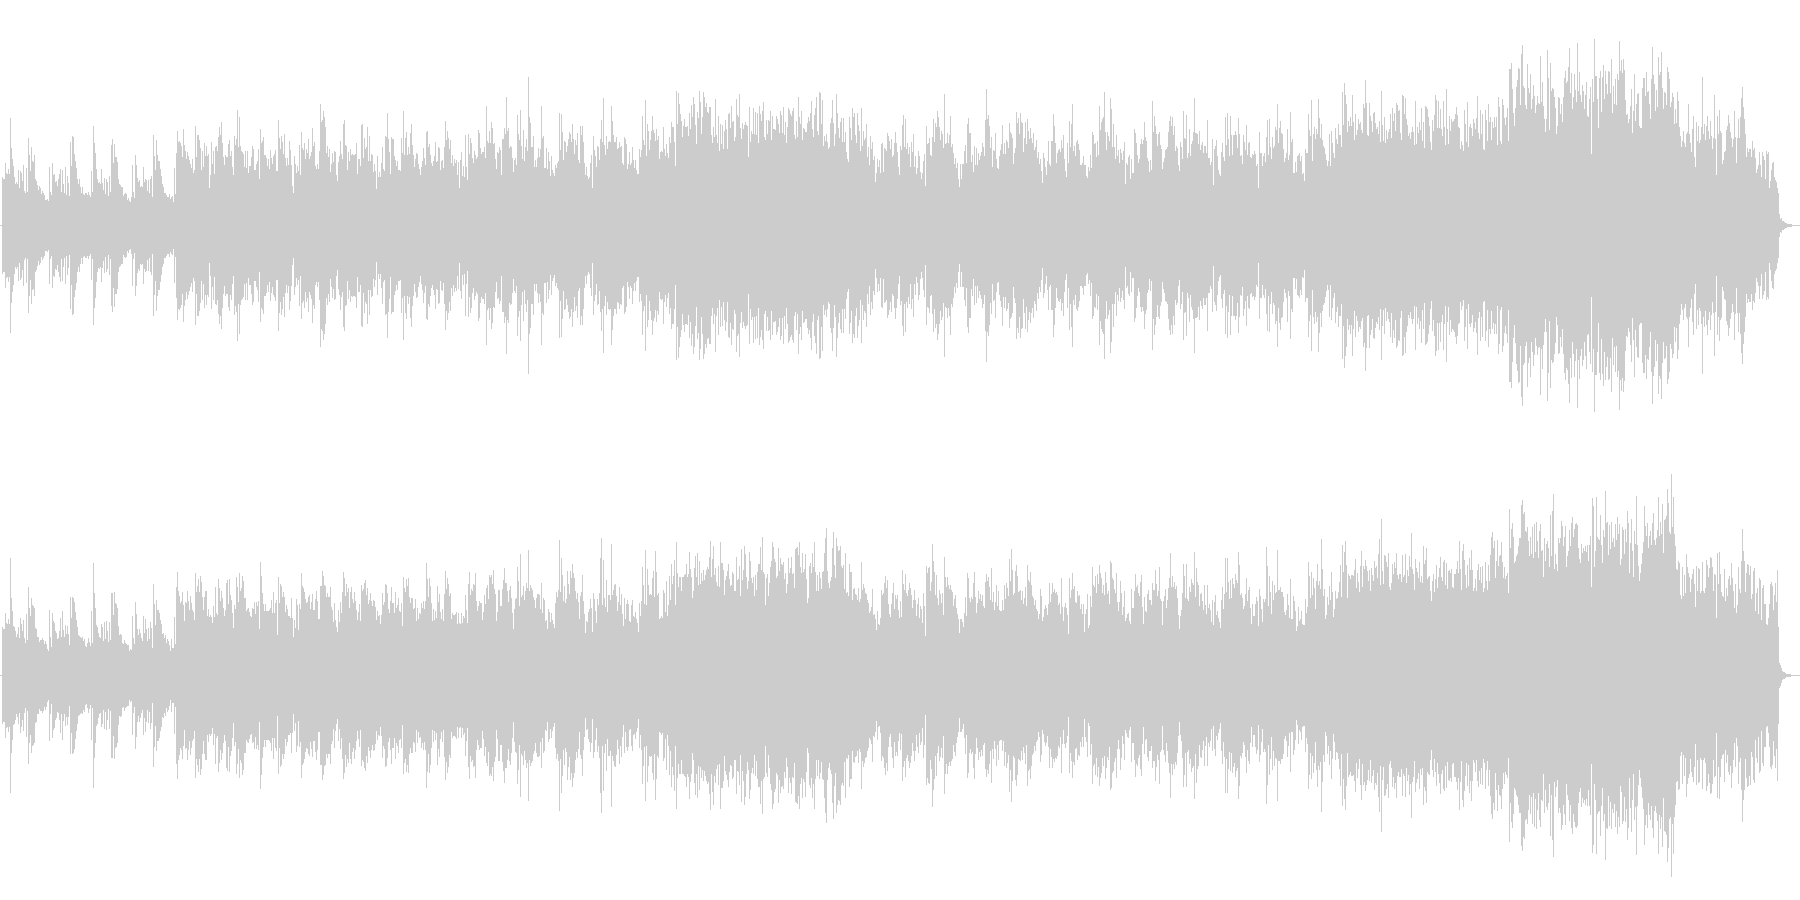 笛・箏など和楽器による切ないバラード曲の未再生の波形